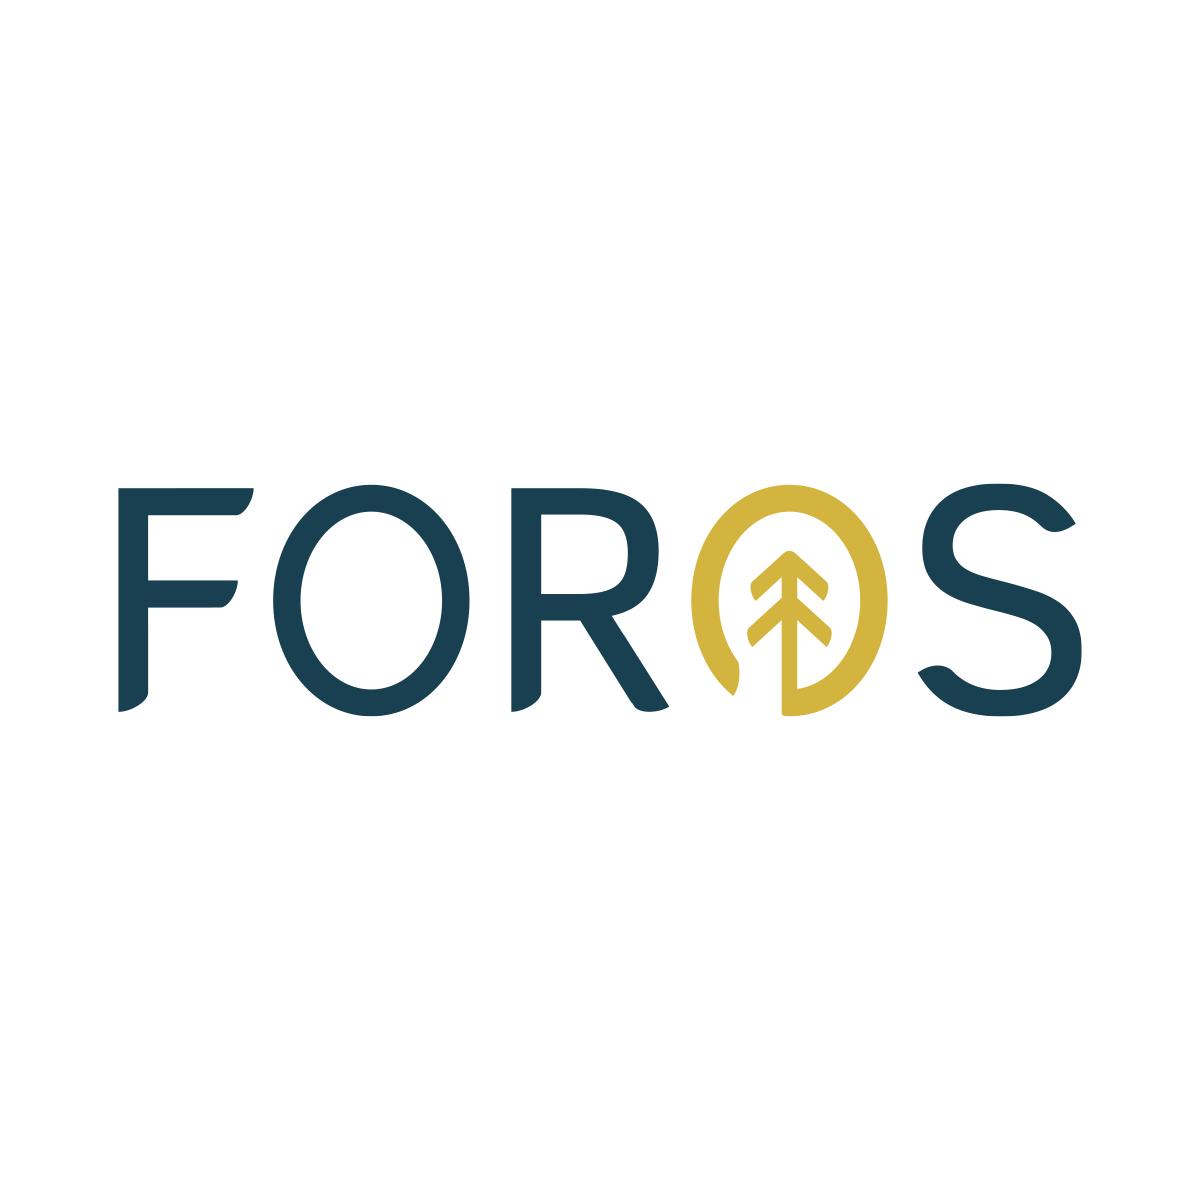 Foros's logo